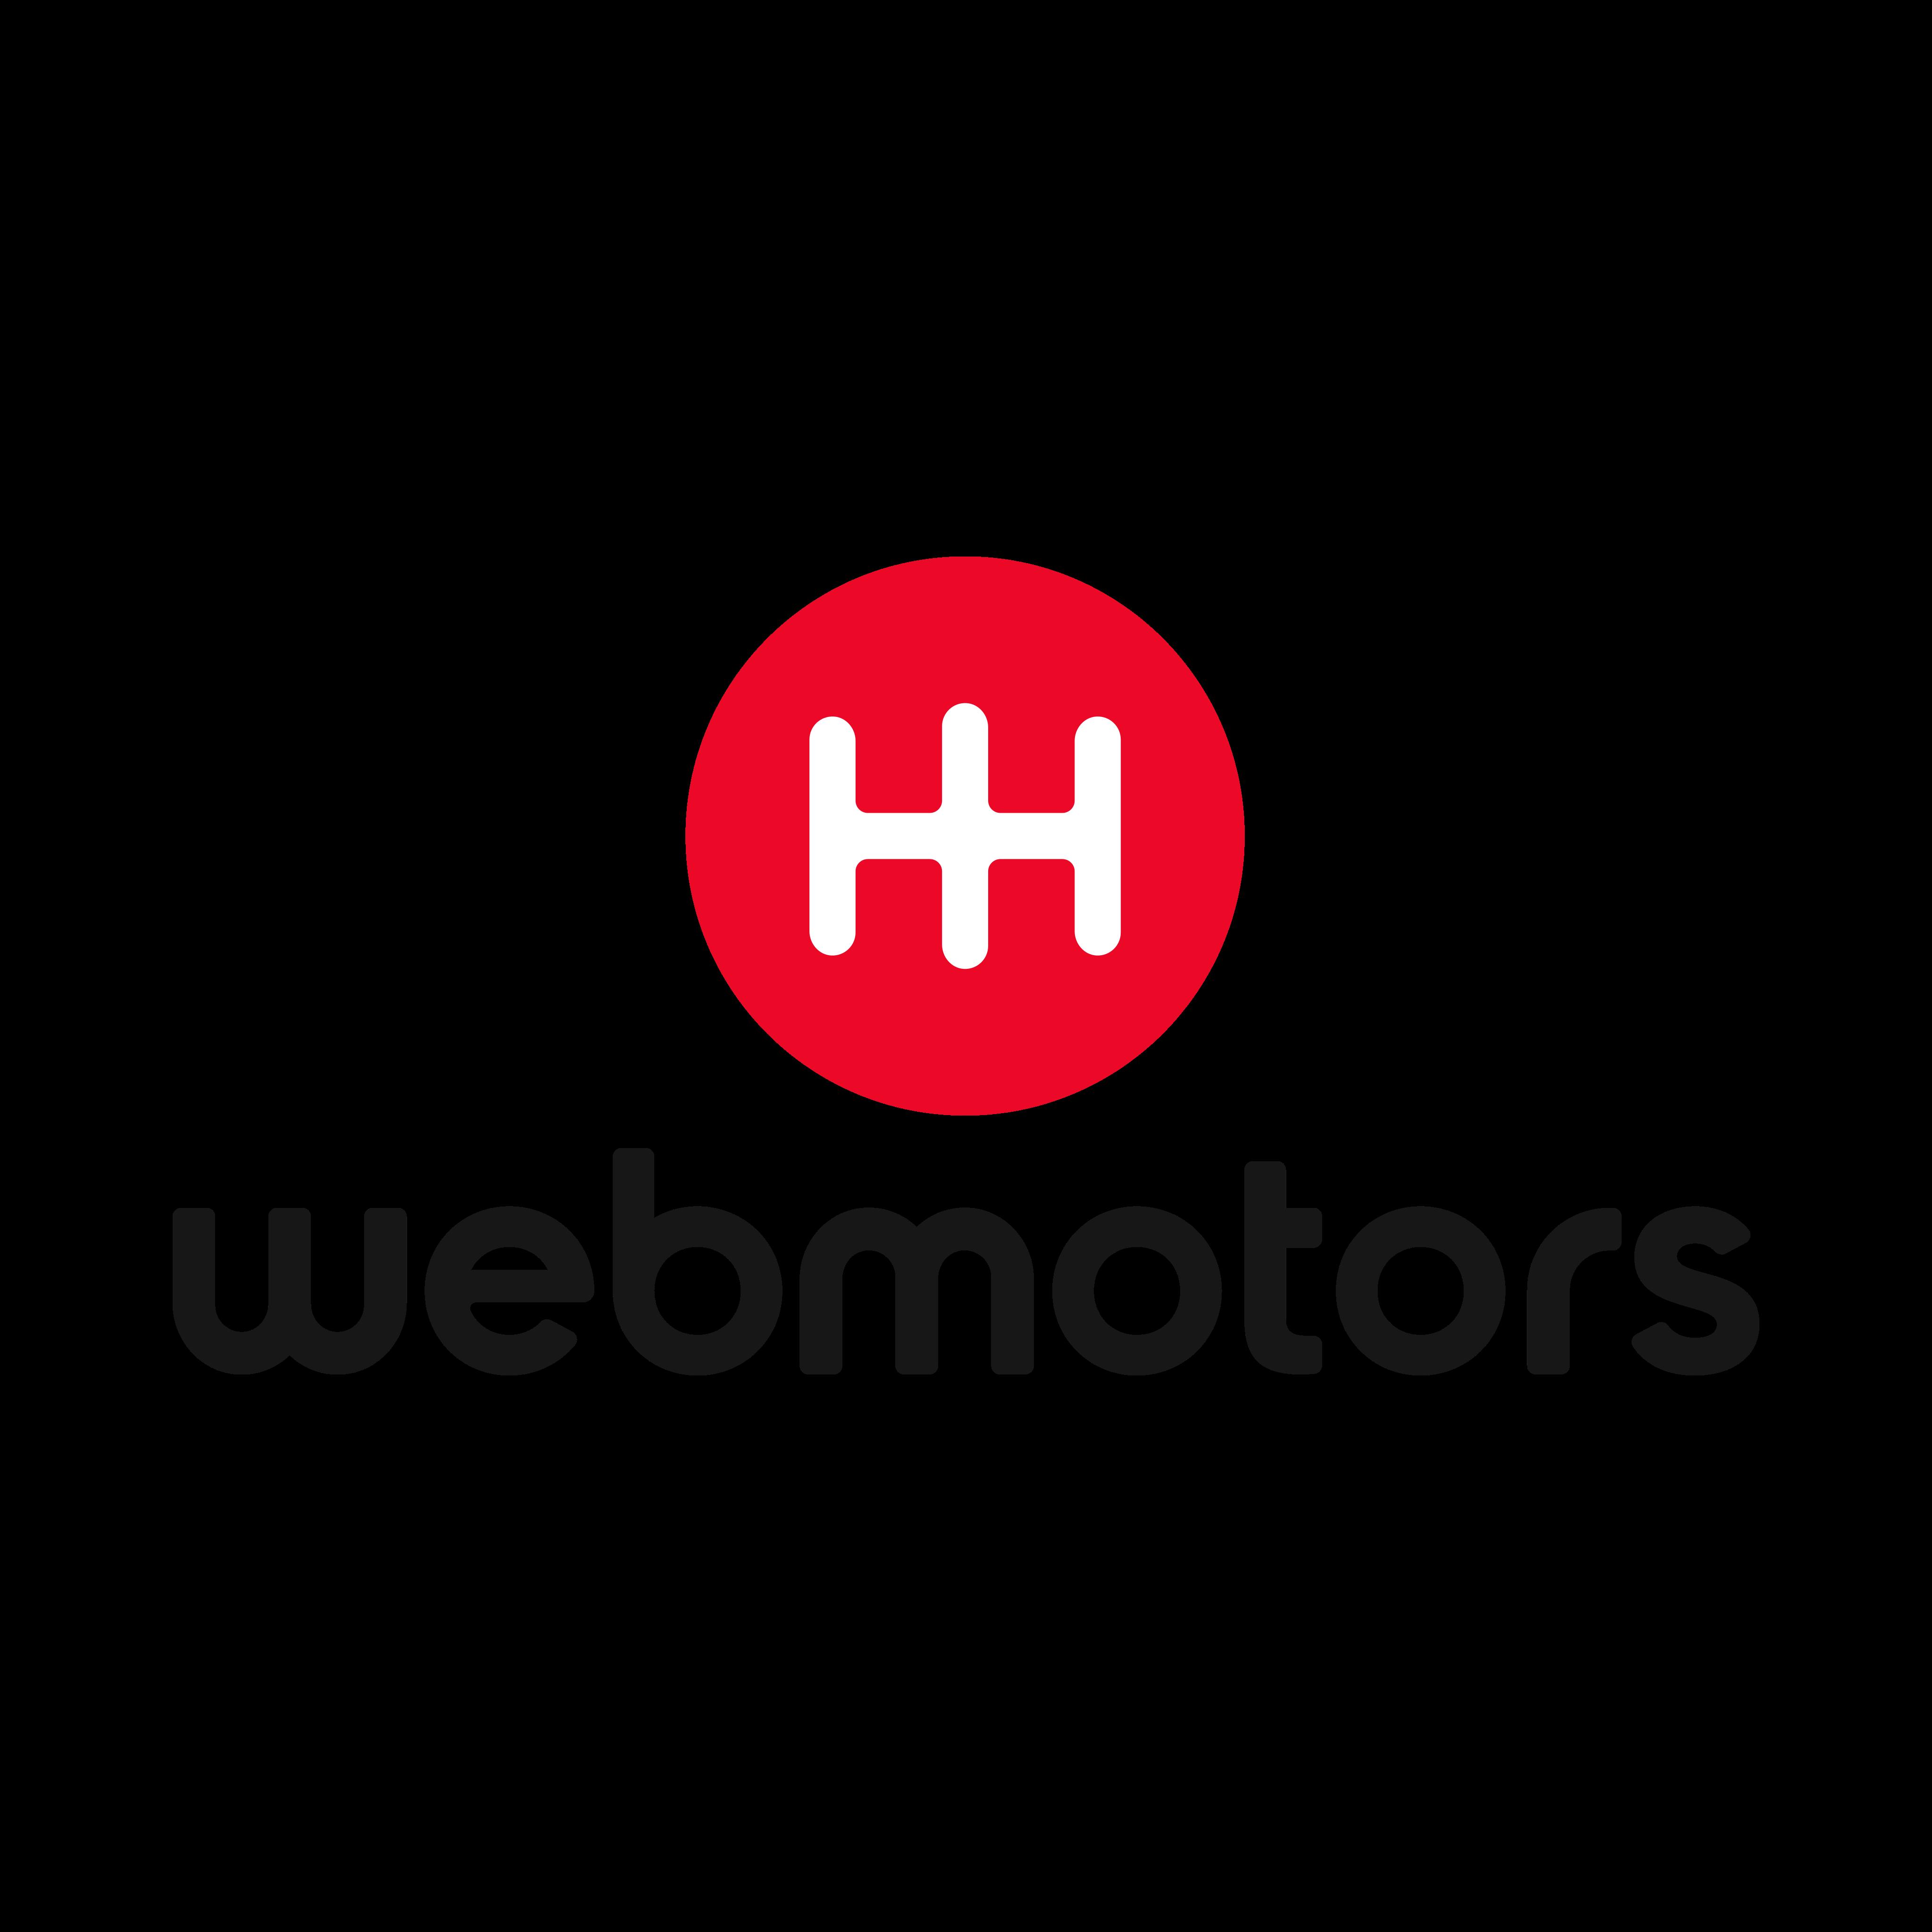 webmotors logo 0 - Webmotors Logo